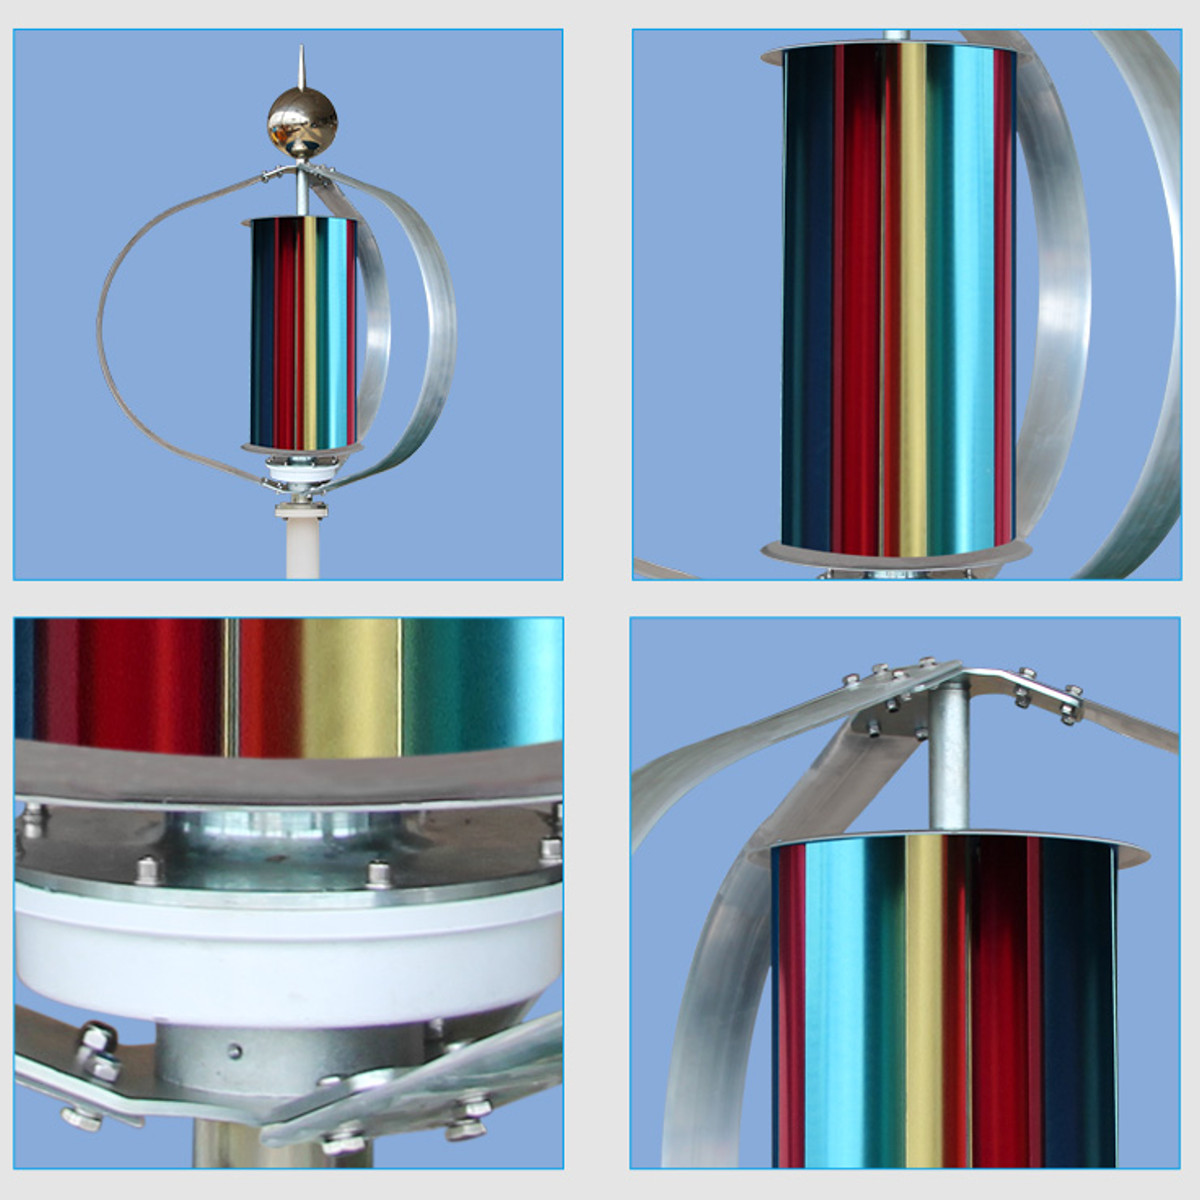 Contrôleur Vertical de Charge de générateur de vent 12V 300W triphasé moulin à vent Vertical Axial Kit de contrôleur de générateur d'énergie éolienne - 4